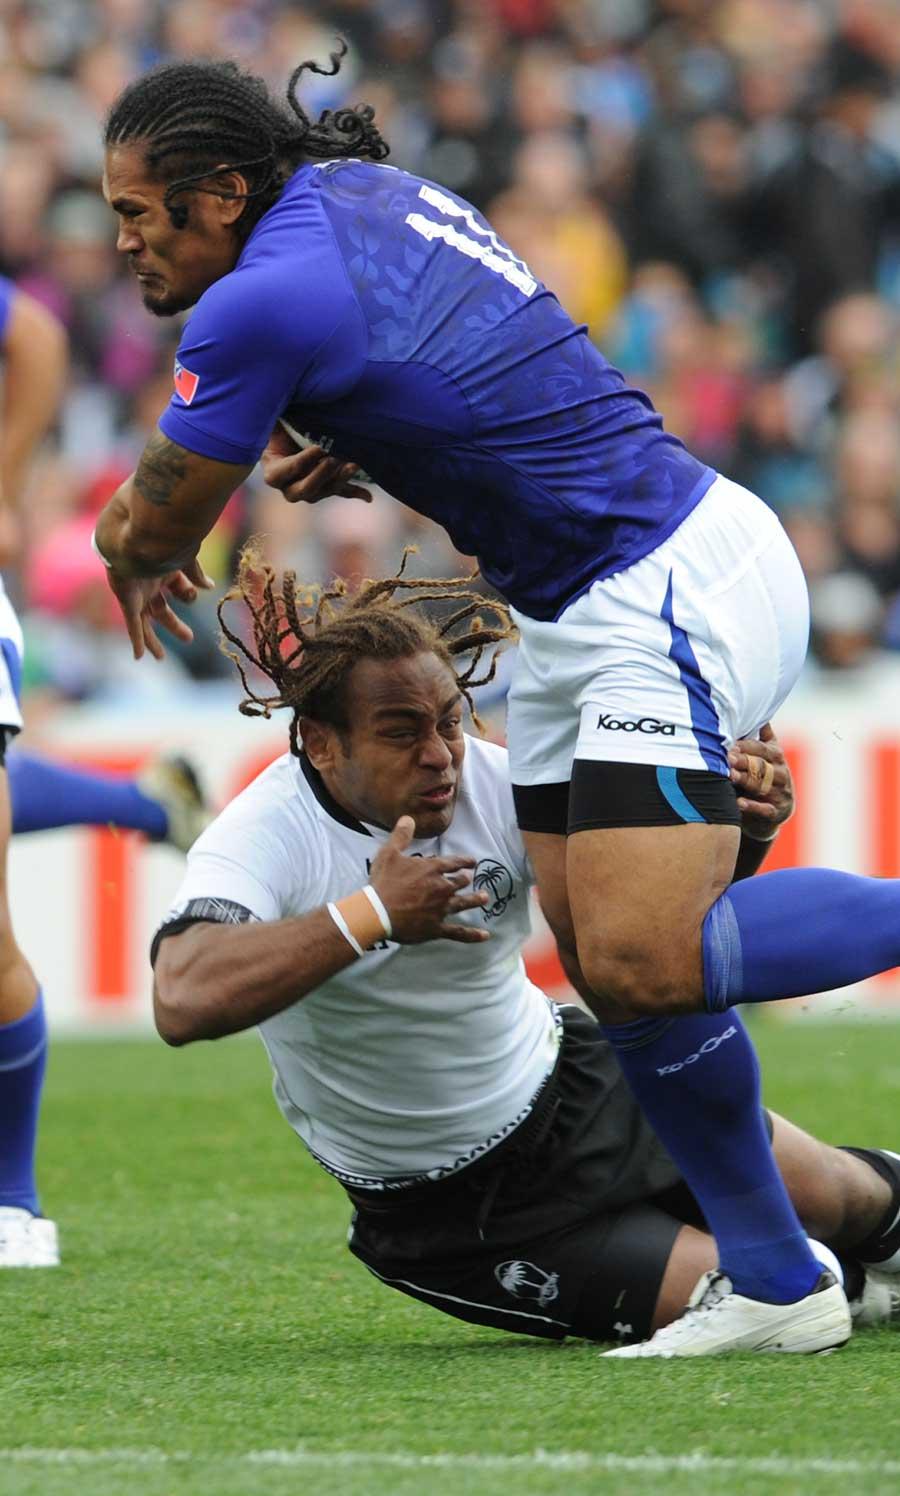 Samoa's Alesana Tuilagi is tackled by Gaby Lovobalavu